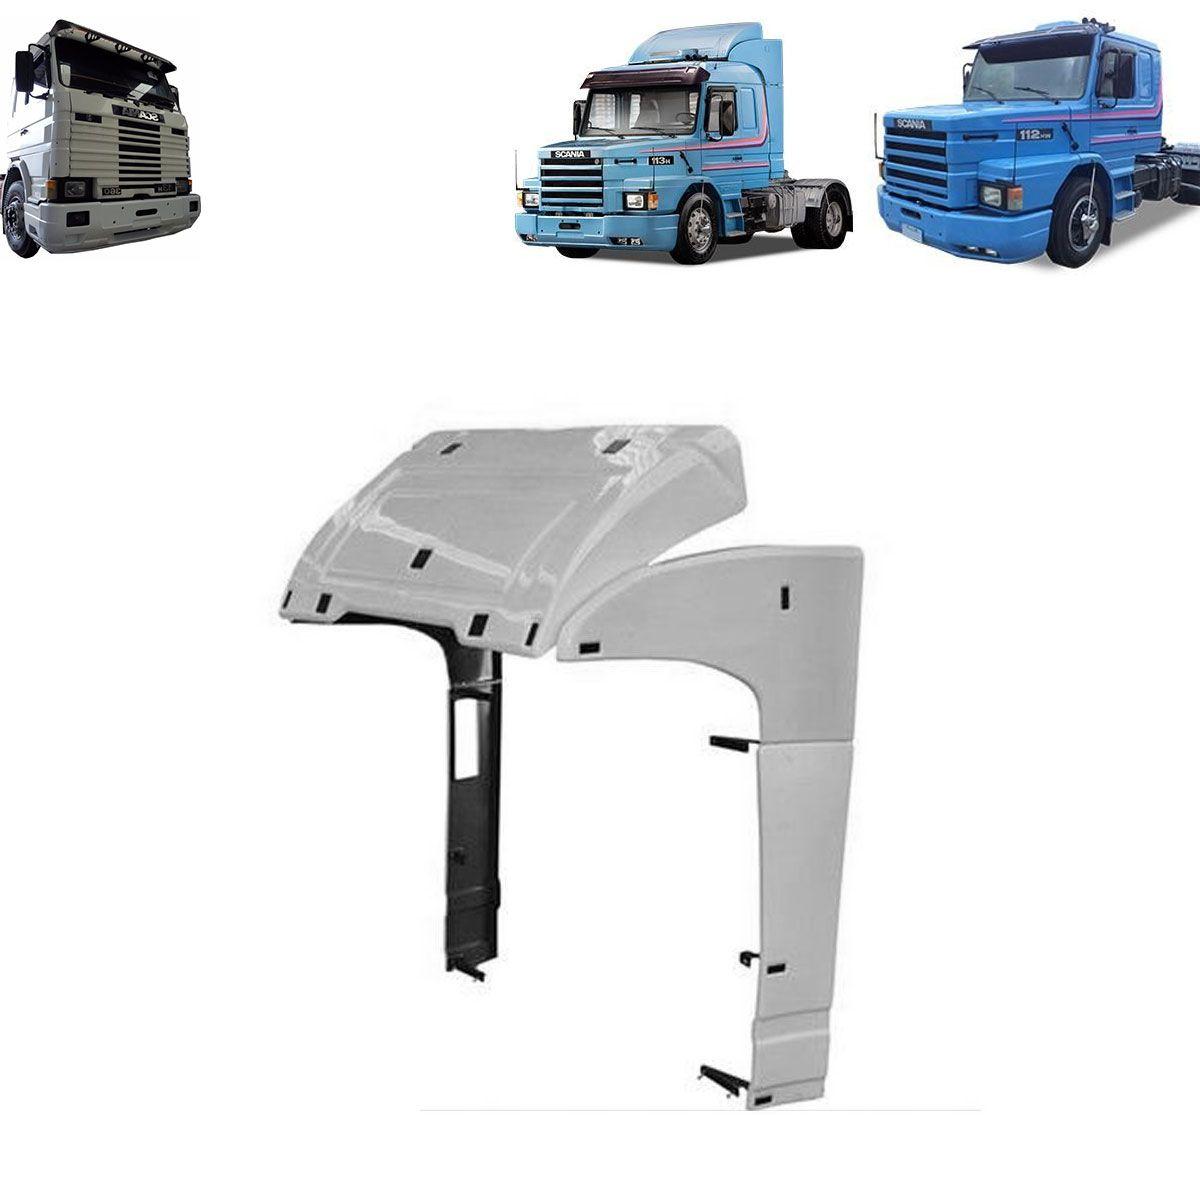 Defletor de Ar Compatível com o Caminhão Scania 112 e 113 Cabines R e T Top Line